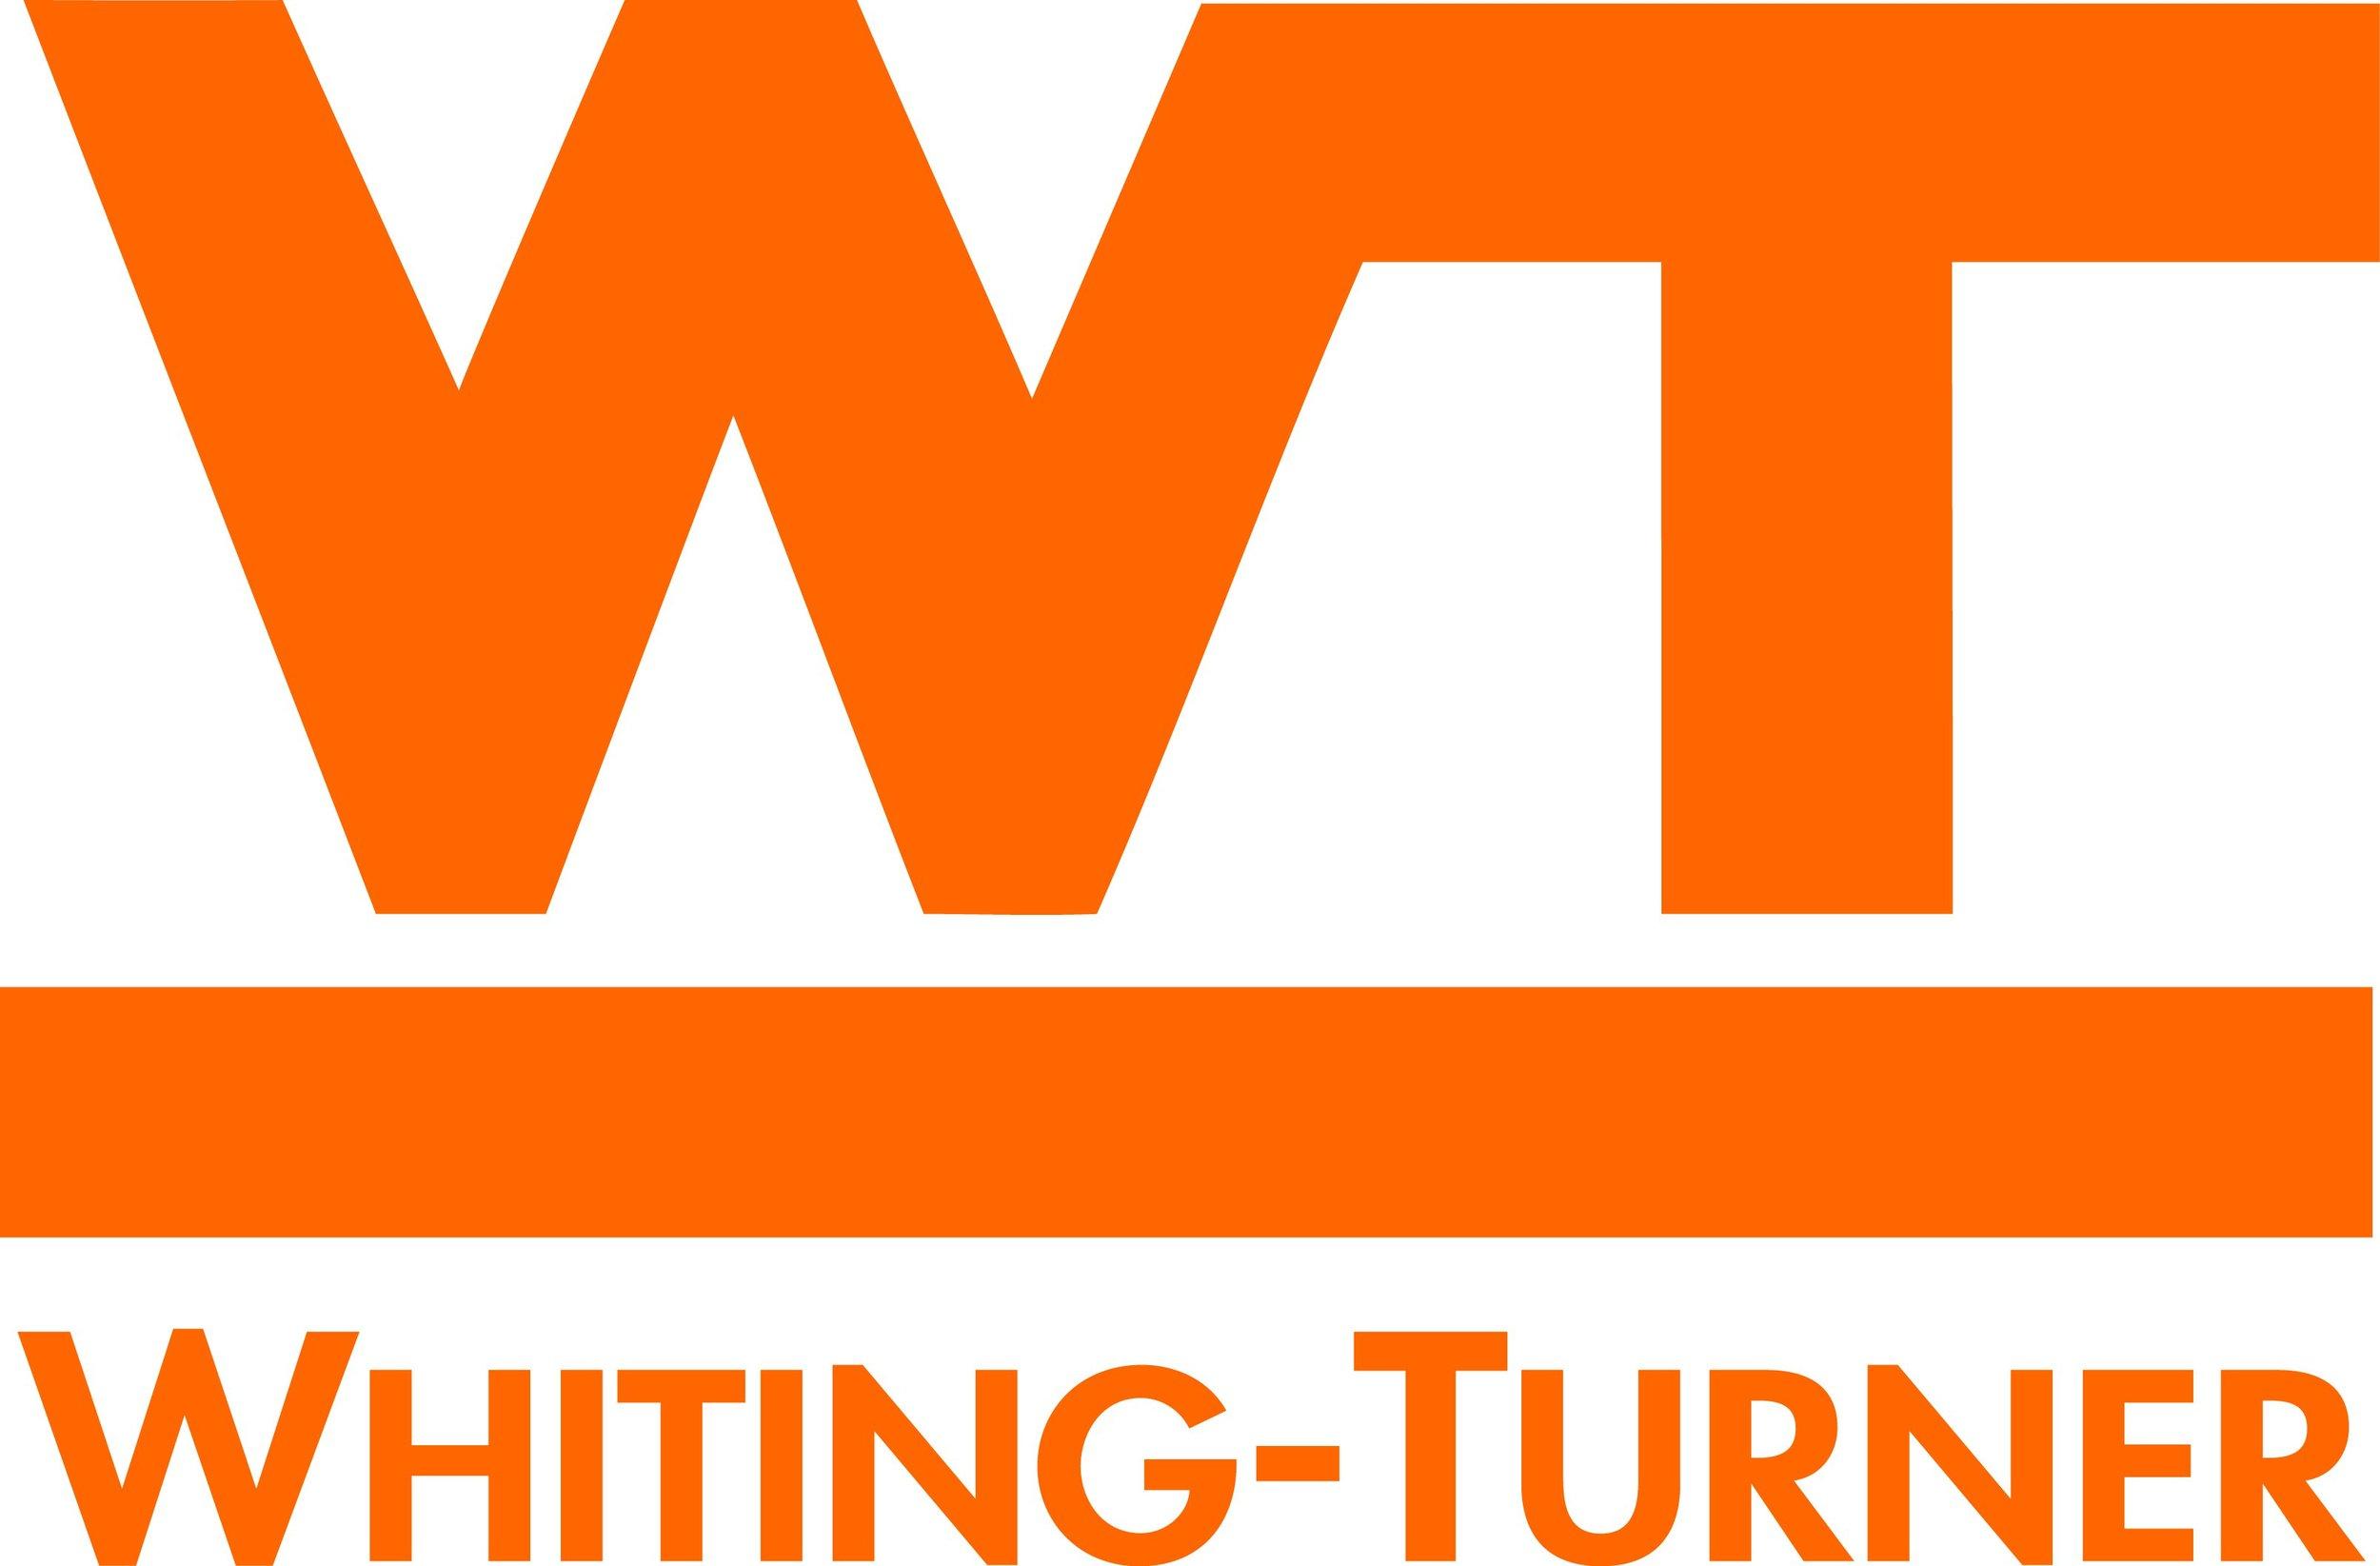 Whiting-Turner Orange Logo.jpg